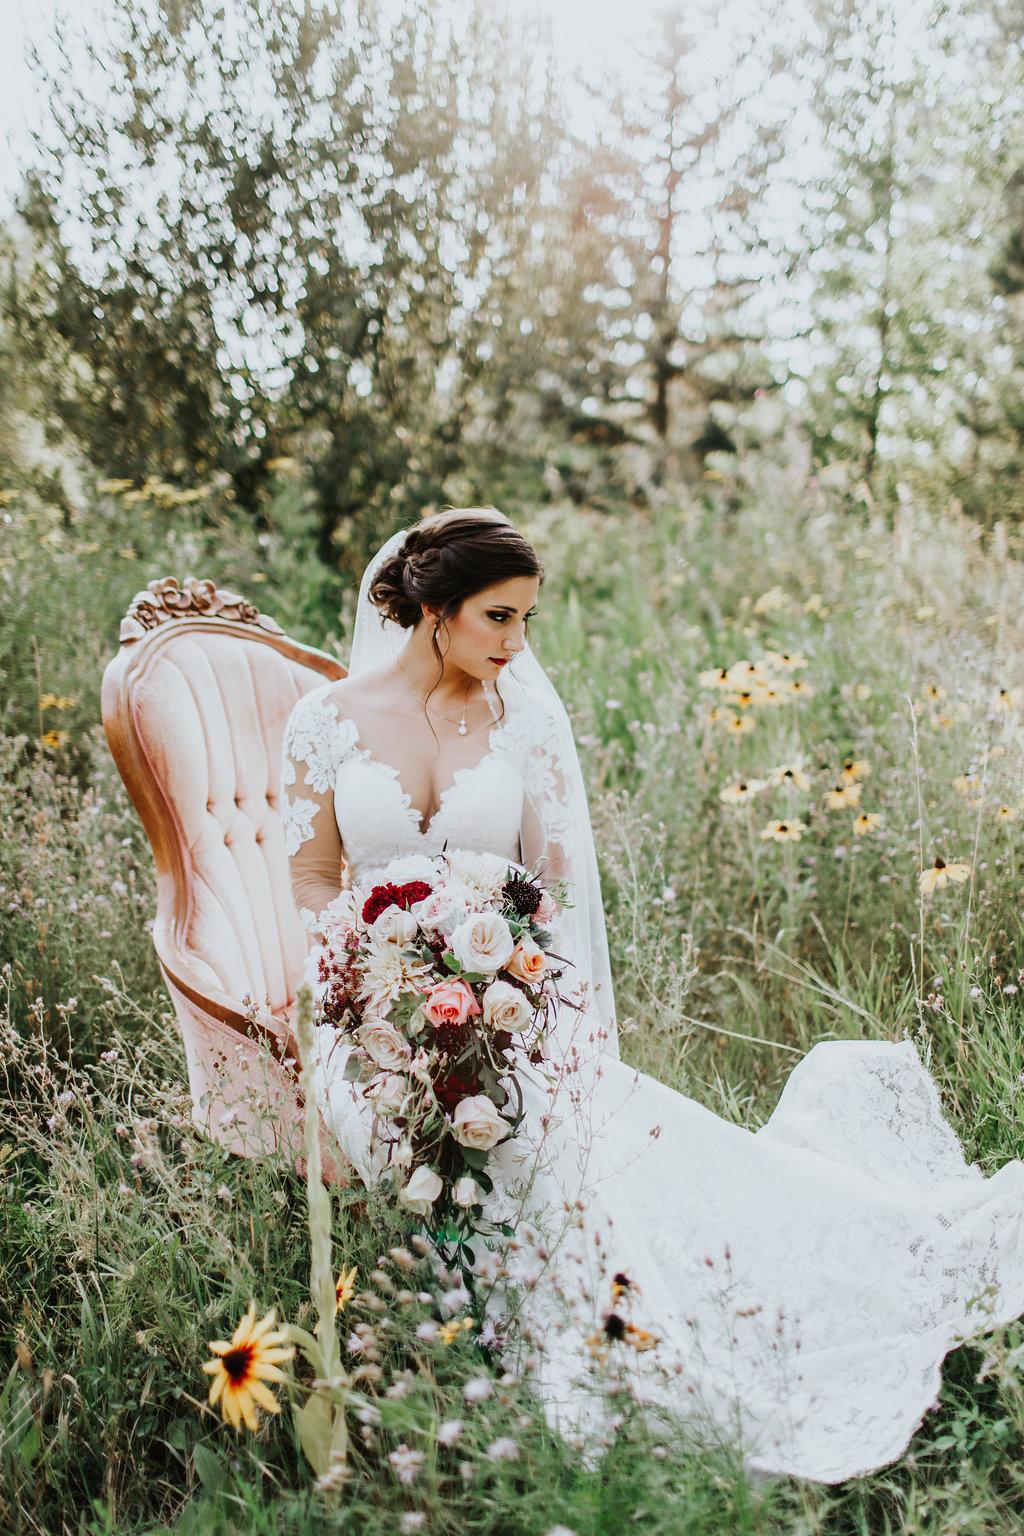 Glam Autumn Wedding at Belle Gardens - http://ruffledblog.com/glam-autumn-wedding-at-belle-gardens